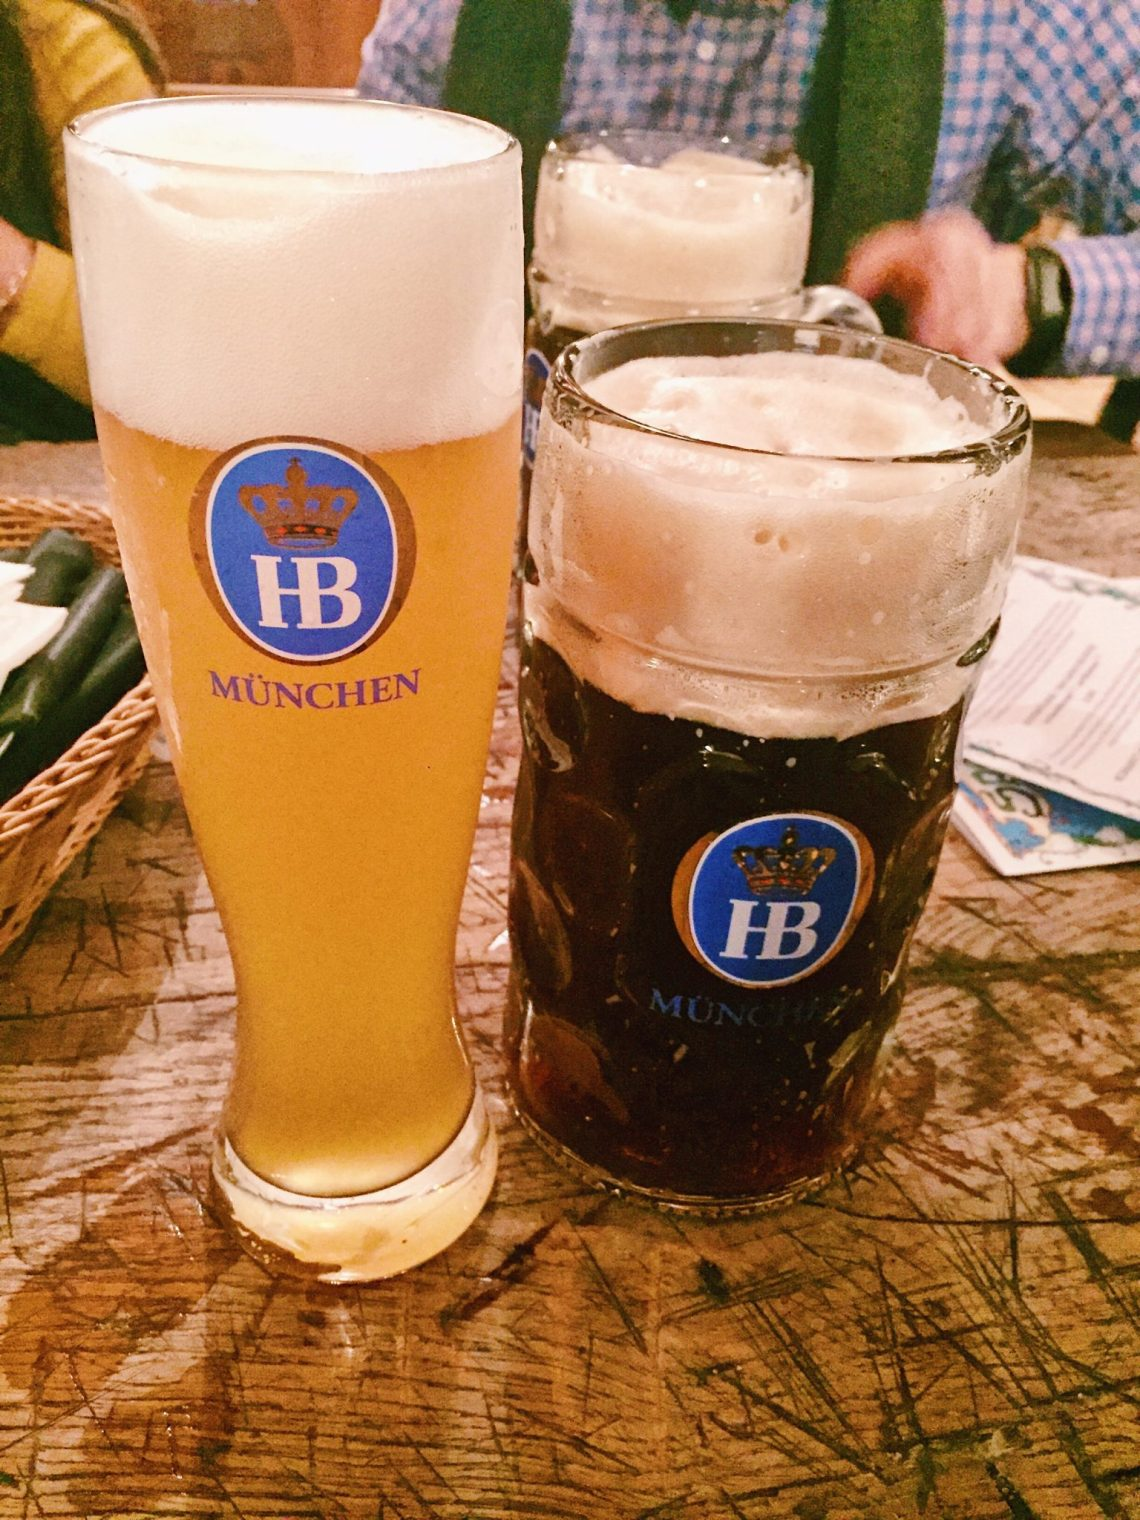 Hofbrauhaus Munchen (Munich)